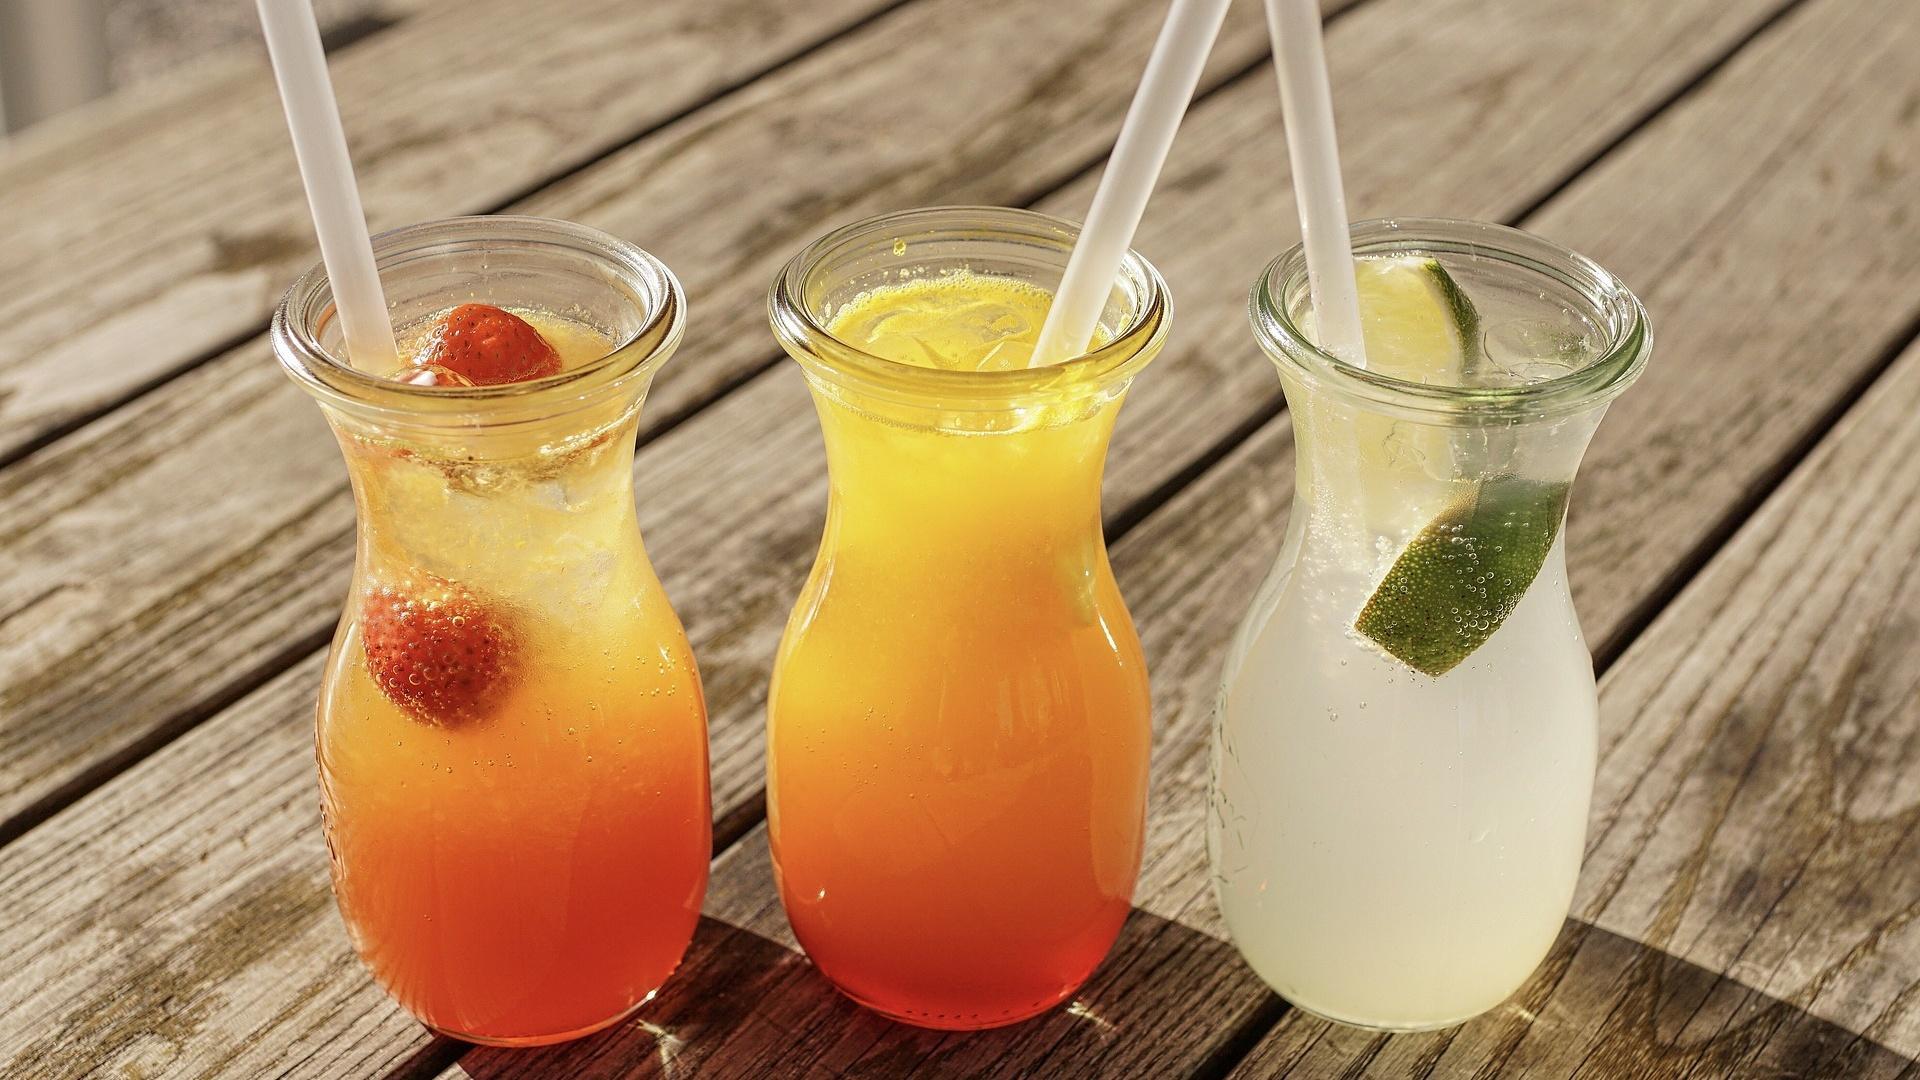 Kalte oder warme Getränke im Sommer? Das kühlt wirklich